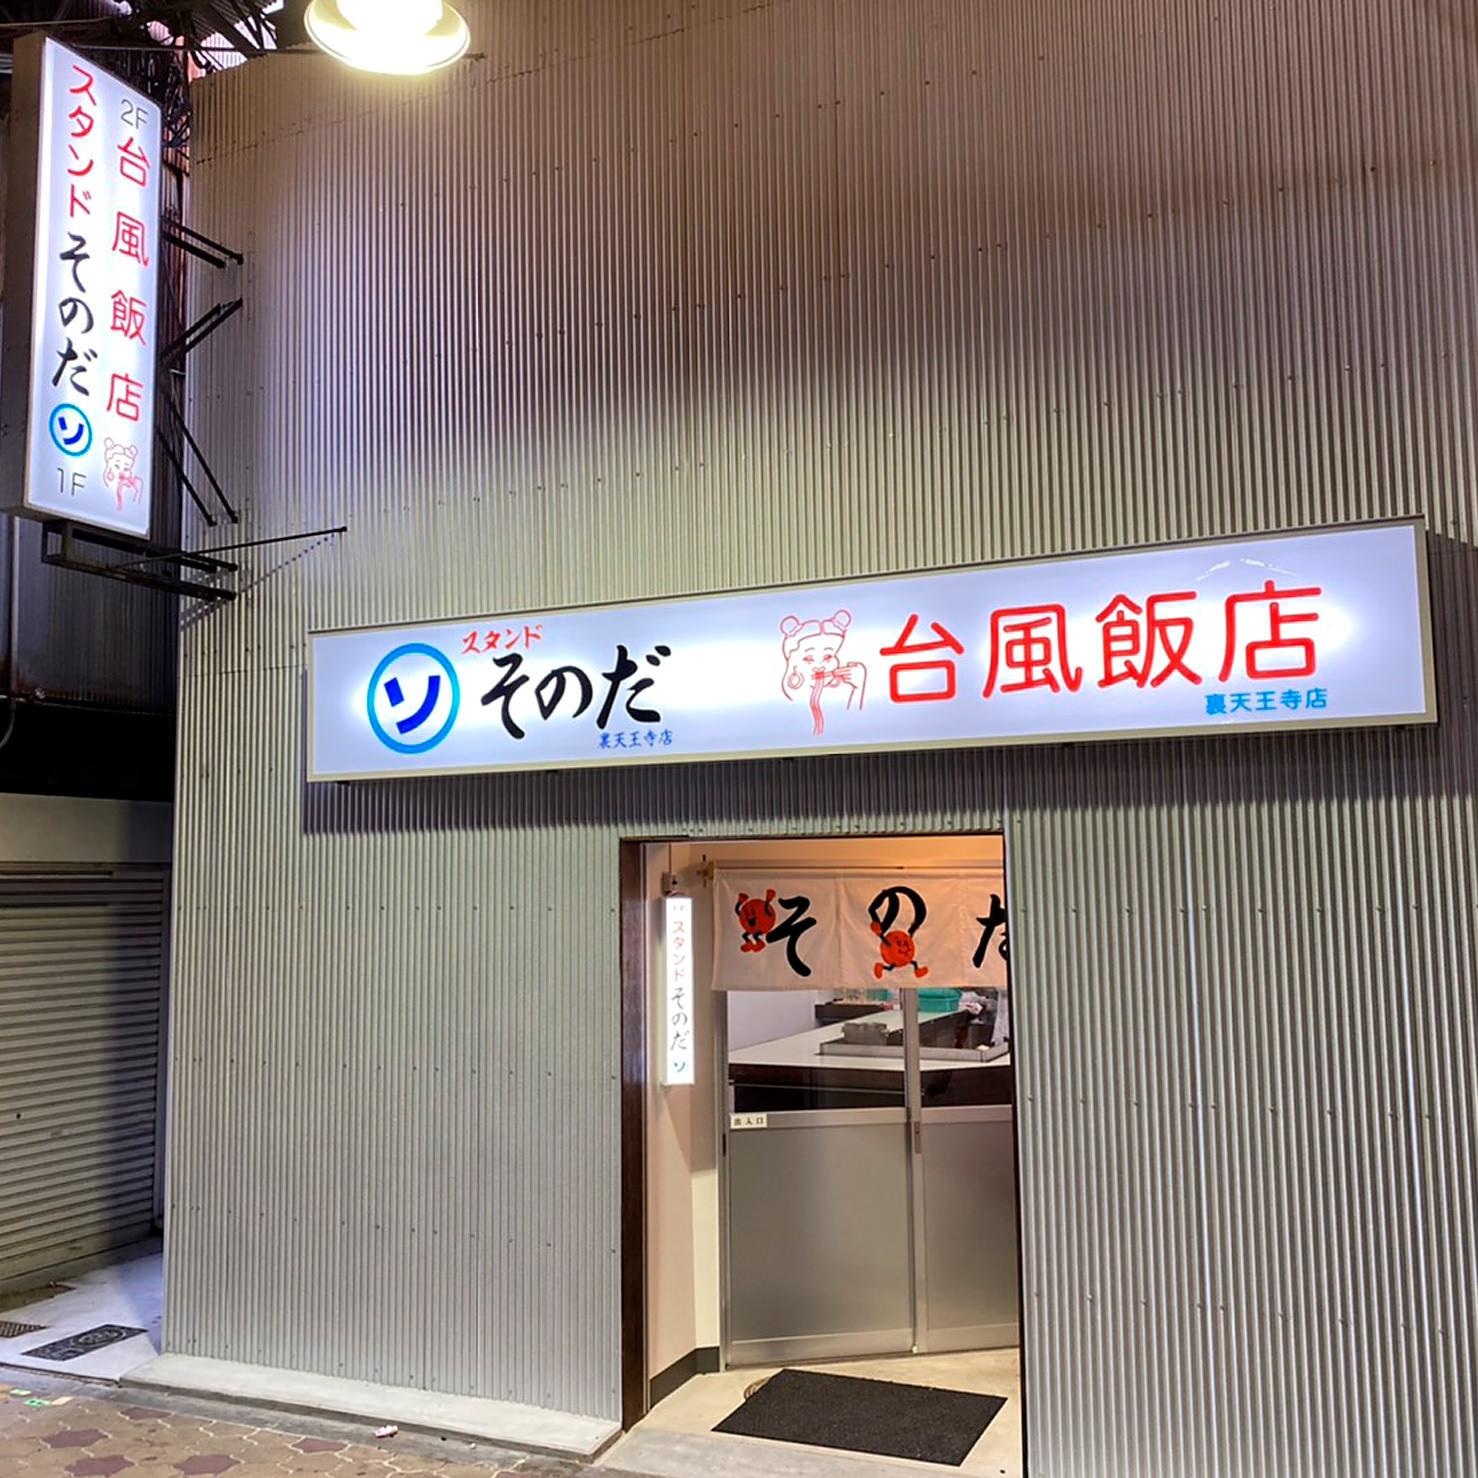 大衆食堂スタンドそのだ/台風飯店